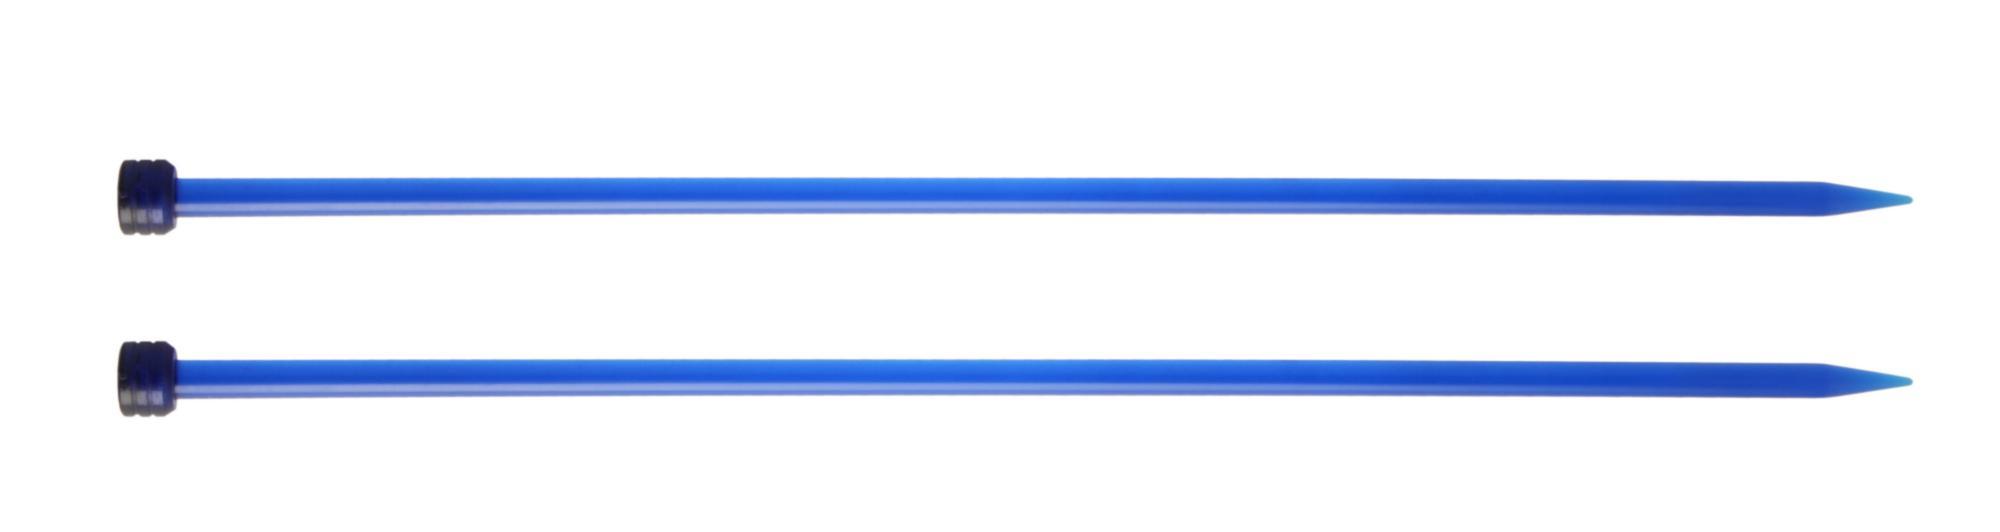 Спицы прямые 30 см Trendz KnitPro, 51197, 7.00 мм